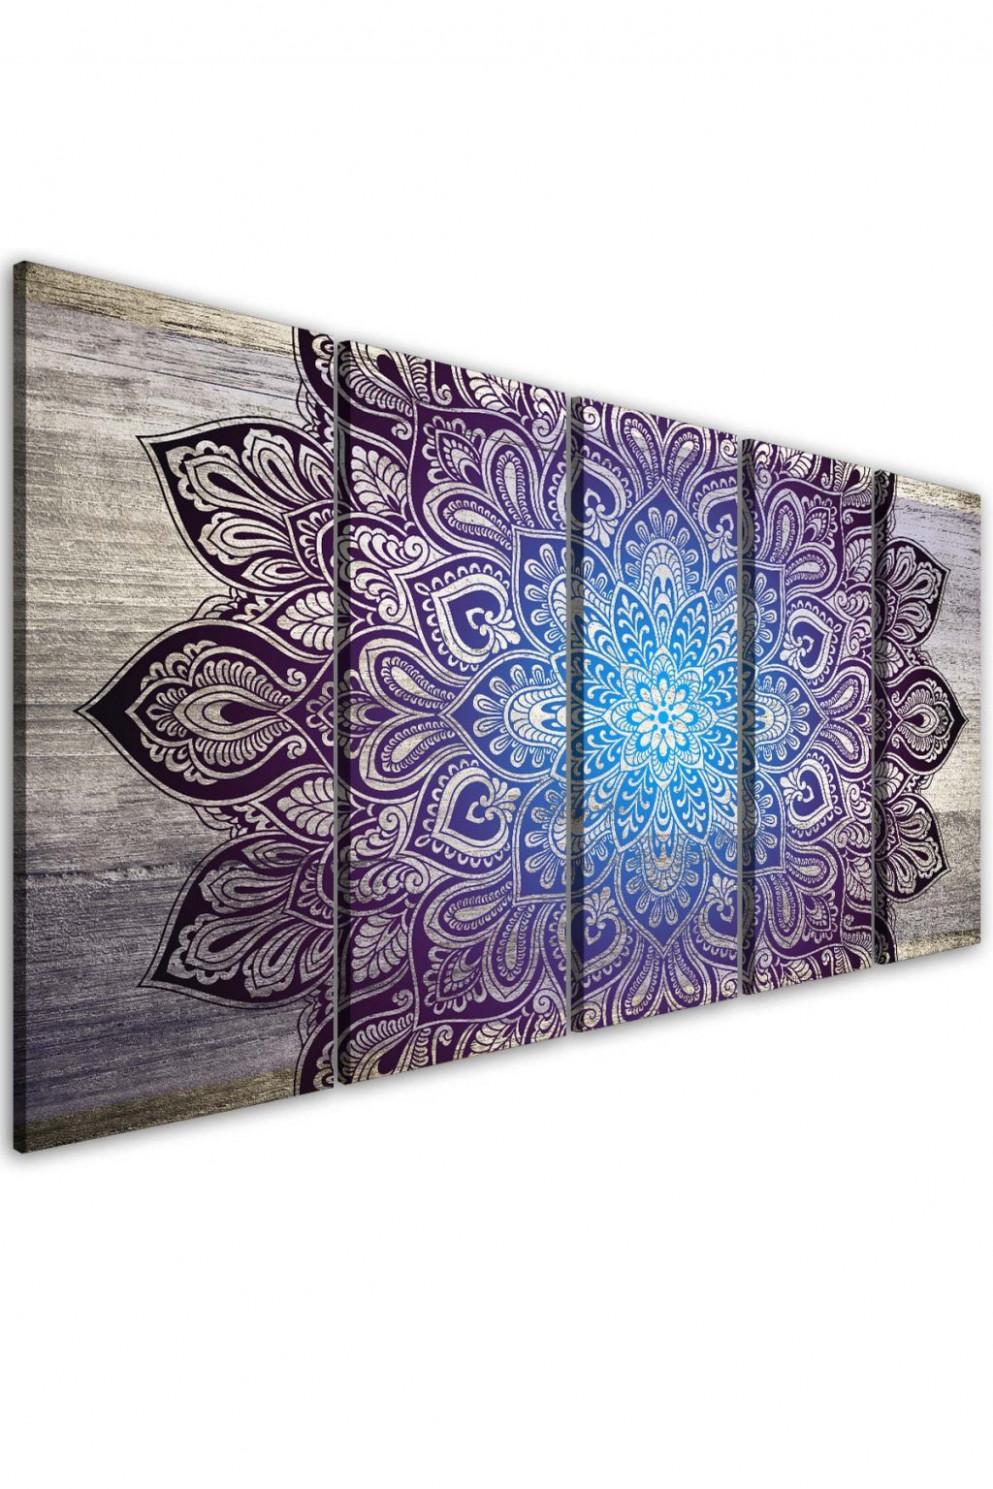 Obraz Mandala na Zed